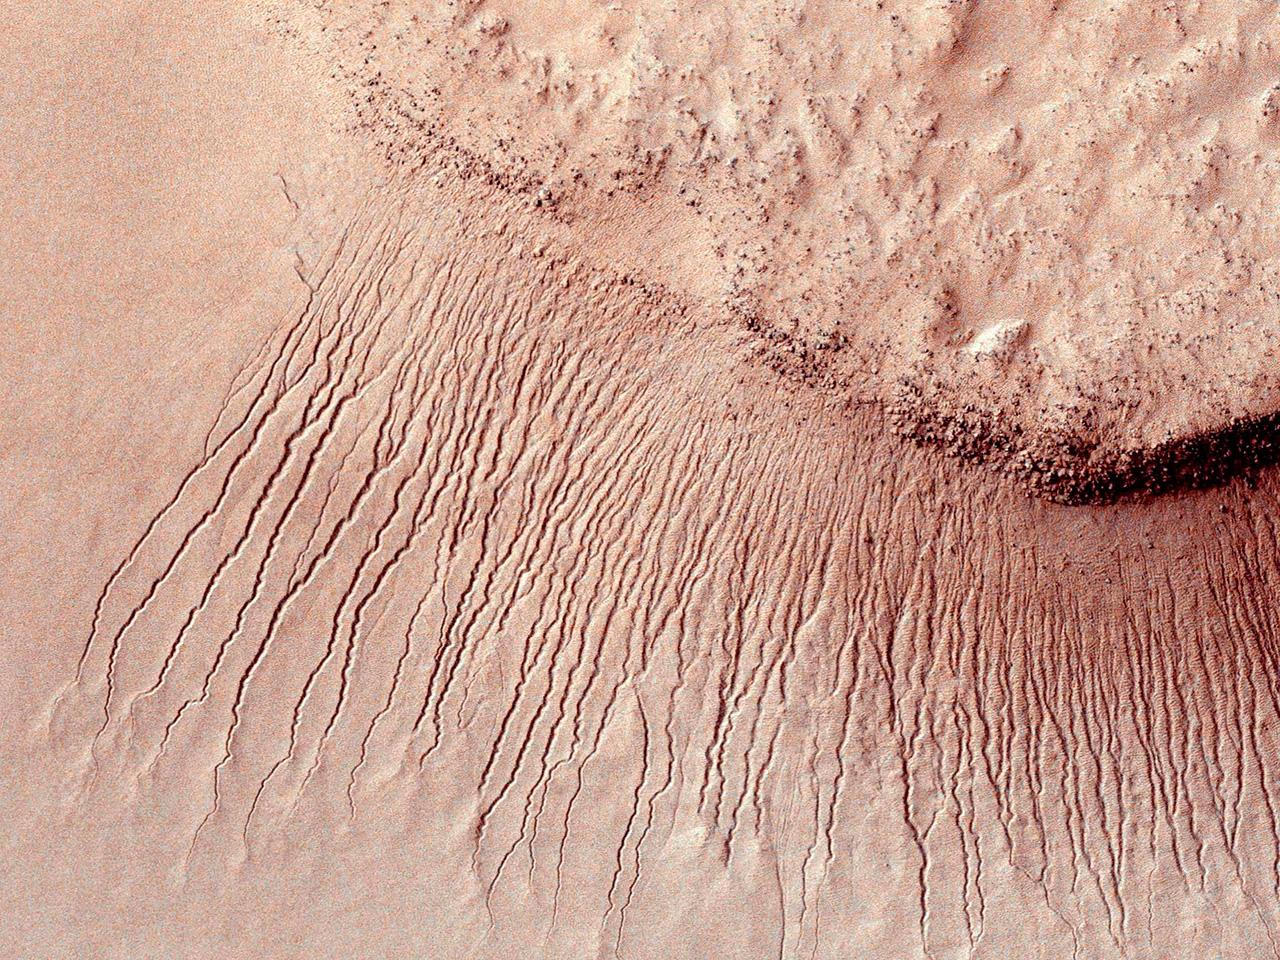 ดาวอังคารมีน้ำ